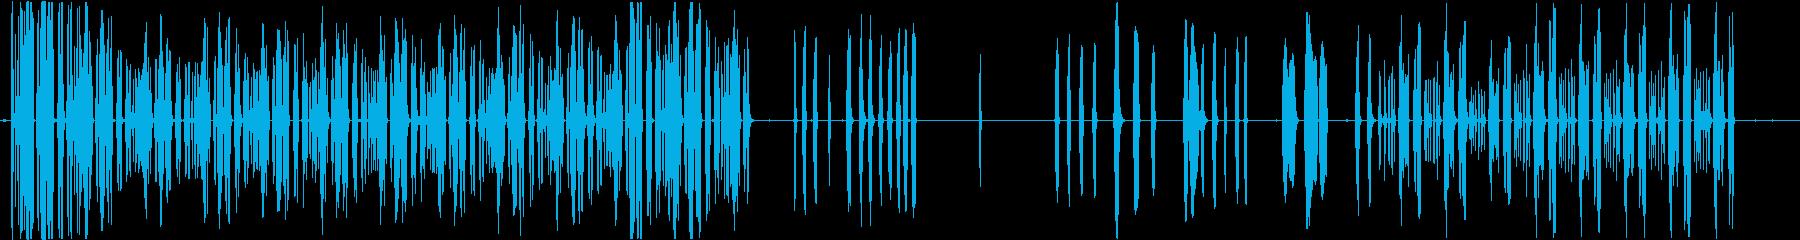 トーンパルスランダムシーケンスの再生済みの波形